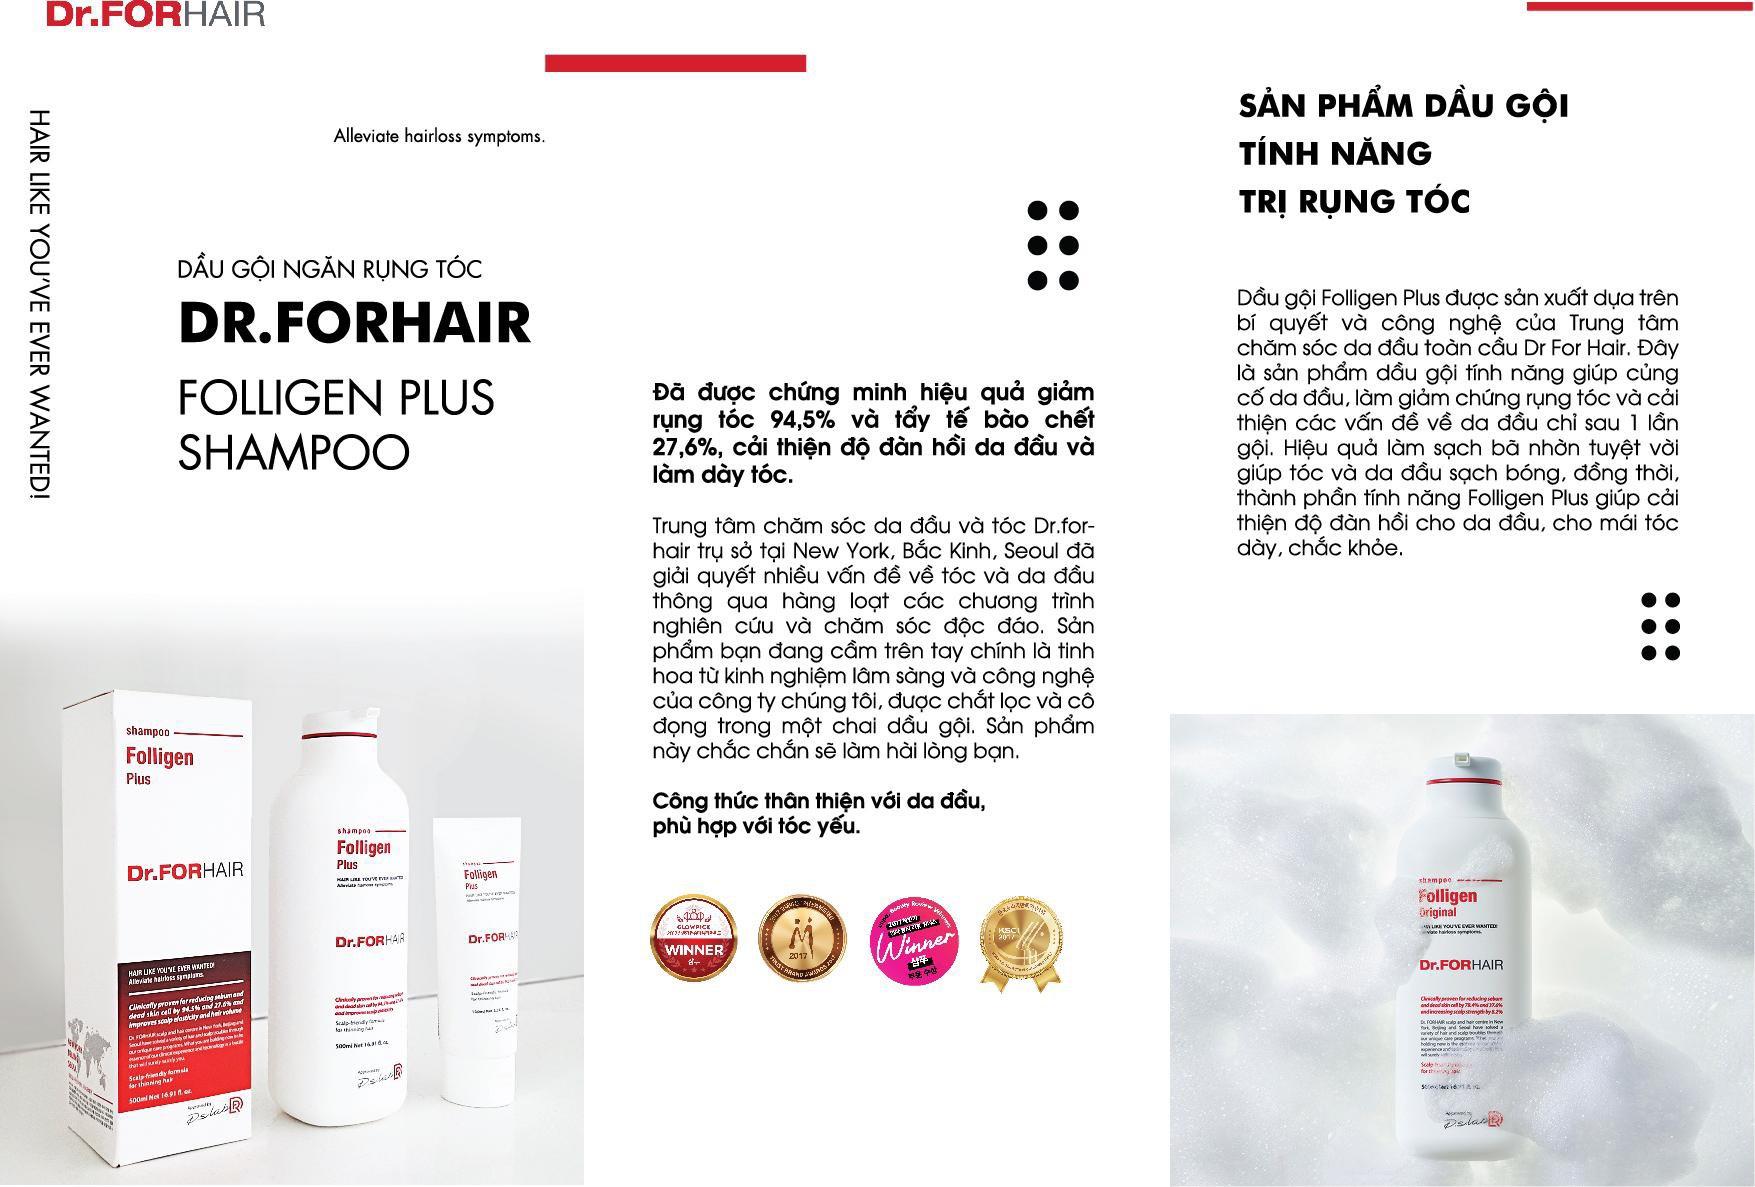 Bộ 2 chai Dầu gội đầu Hàn Quốc Dr.FORHAIR Folligen Plus Shampoo 500ml ngăn ngừa rụng, giúp phục hồi nang chân tóc và kích thích mọc tóc